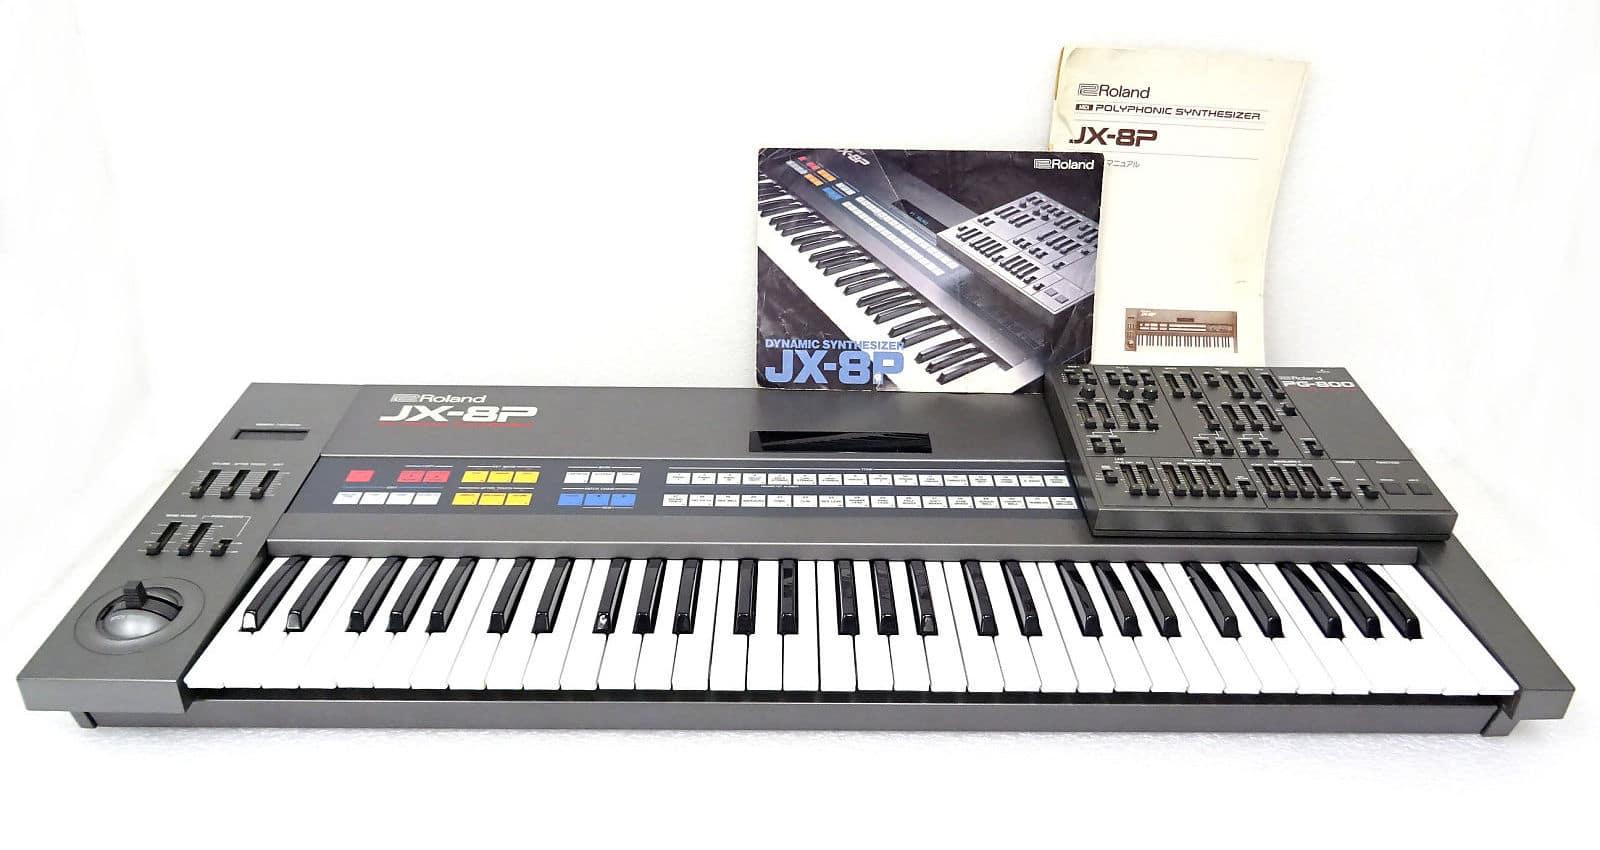 Un beau Roland JX-8P très complet, avec son mode d'emploi, son programmateur PG800